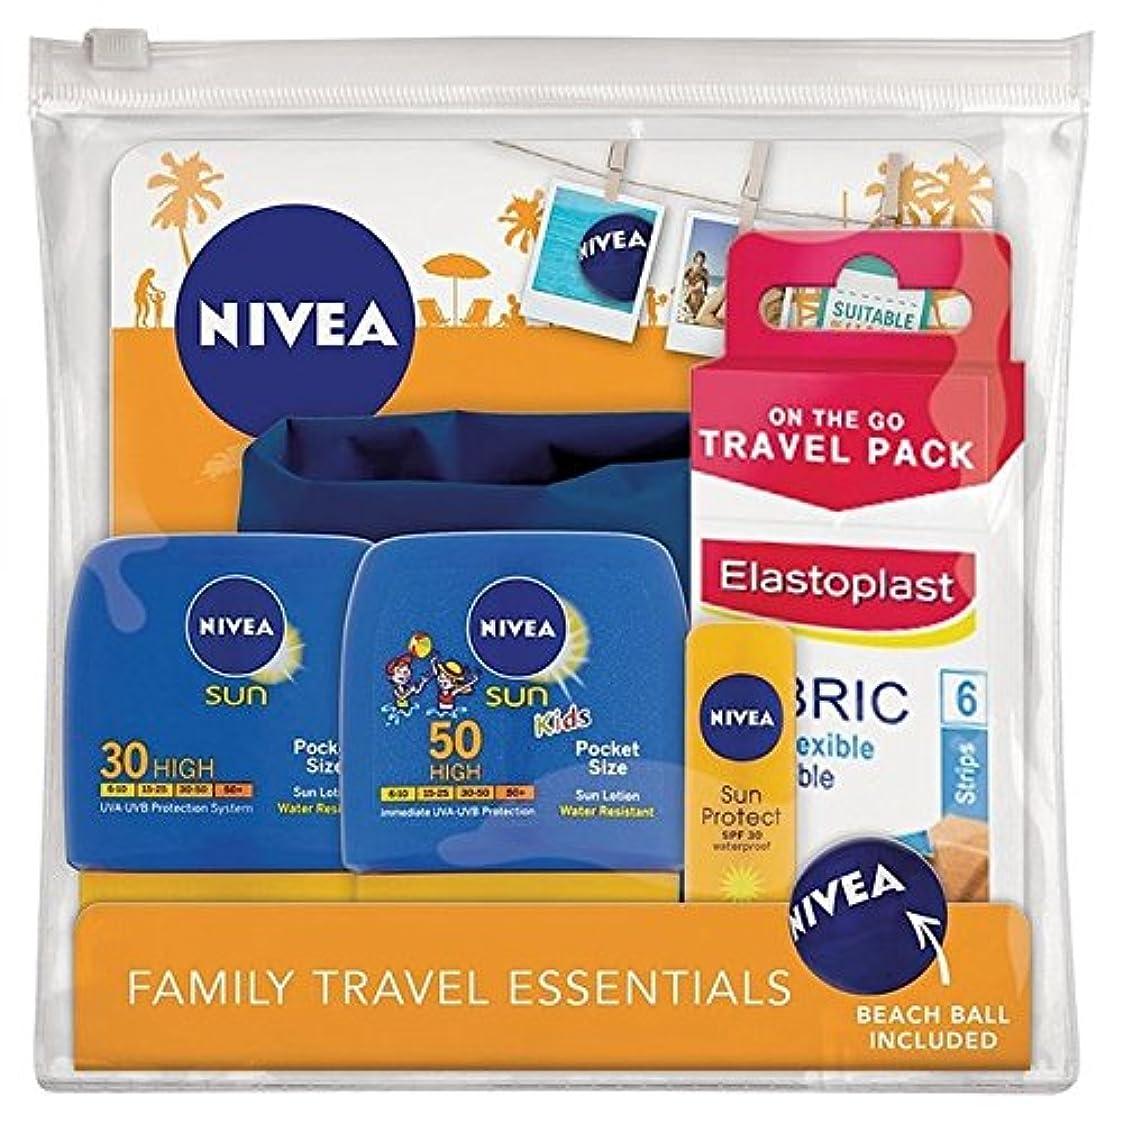 コンサルタント養うアンビエントニベア日旅行パック x2 - Nivea Sun Travel Pack (Pack of 2) [並行輸入品]